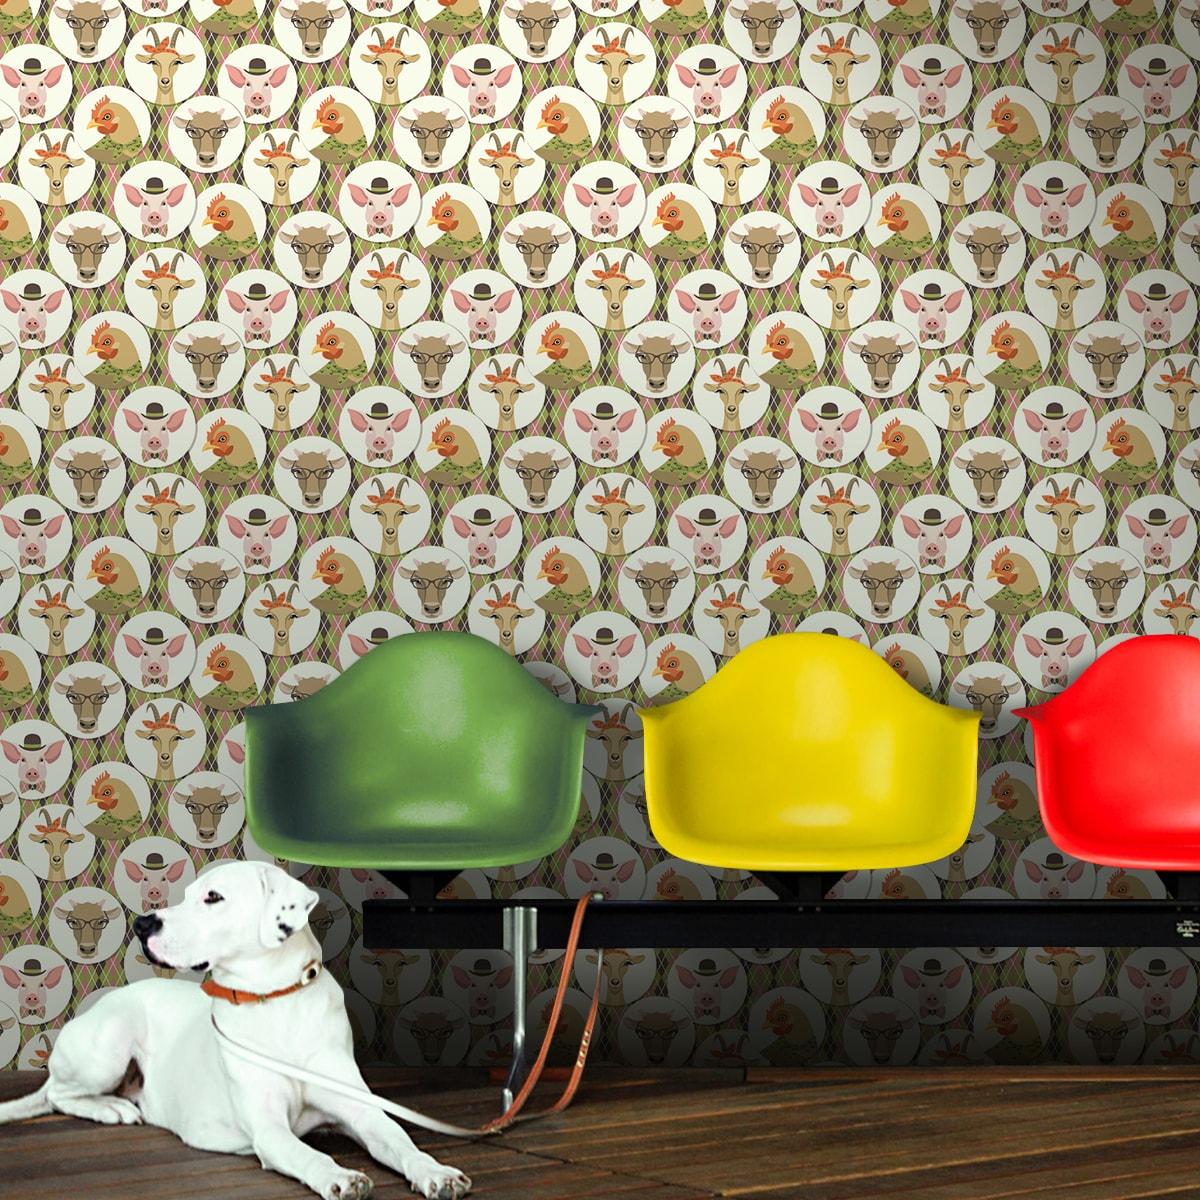 """Moderne Vlies Tapete """"Funny Portrait Gallery"""" mit Tieren auf Schotten Karo in oliv - groß Kinder Wandgestaltung"""